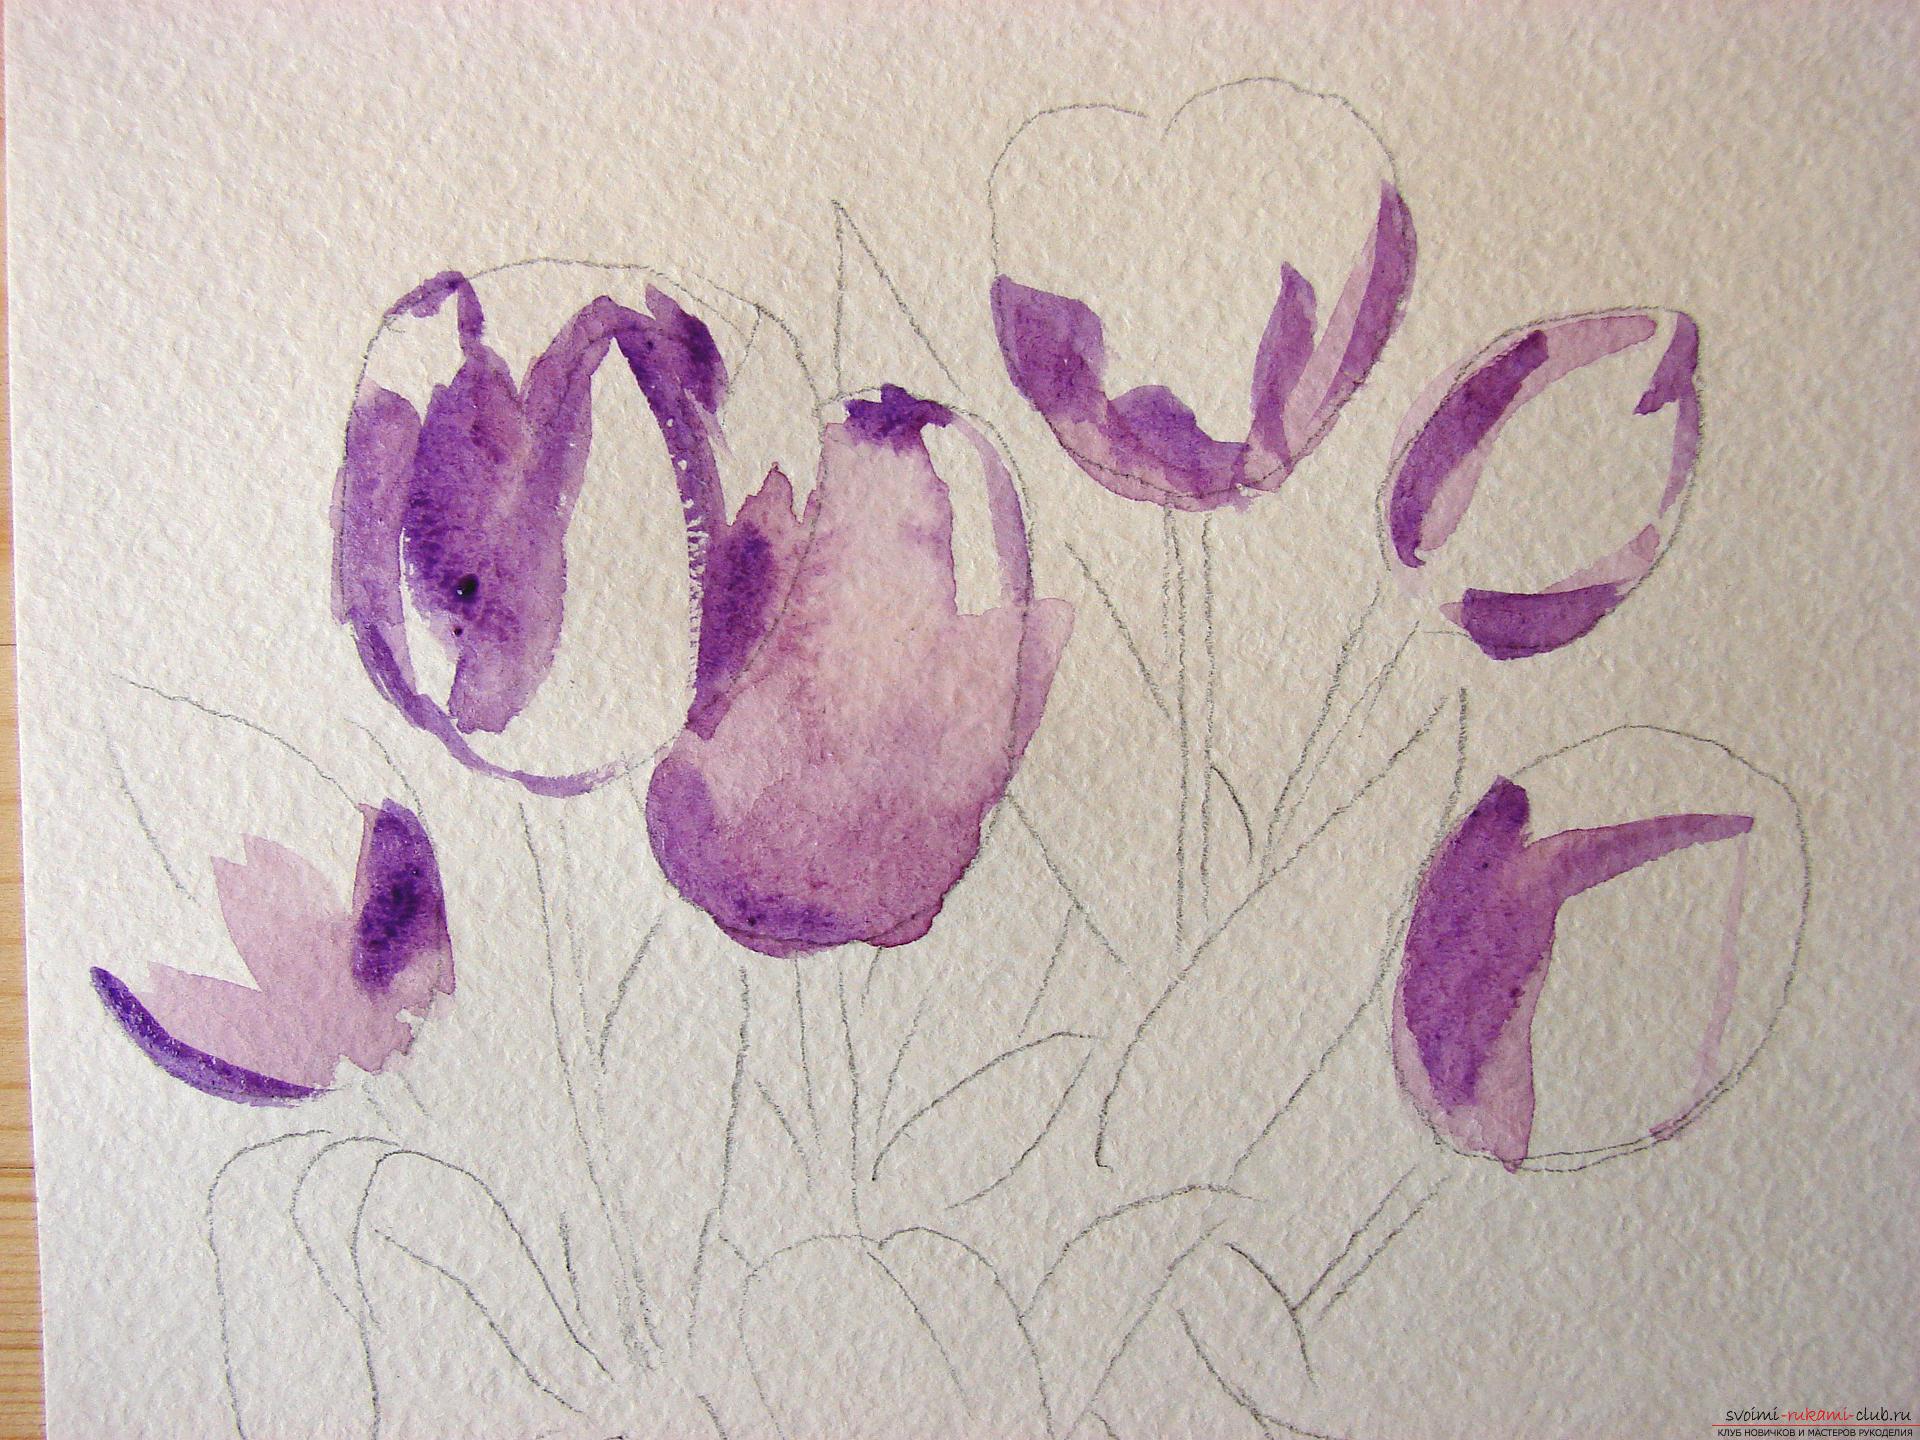 Мастер-класс по рисованию с фото научит как нарисовать цветы, подробно описав как рисуются тюльпаны поэтапно.. Фото №3